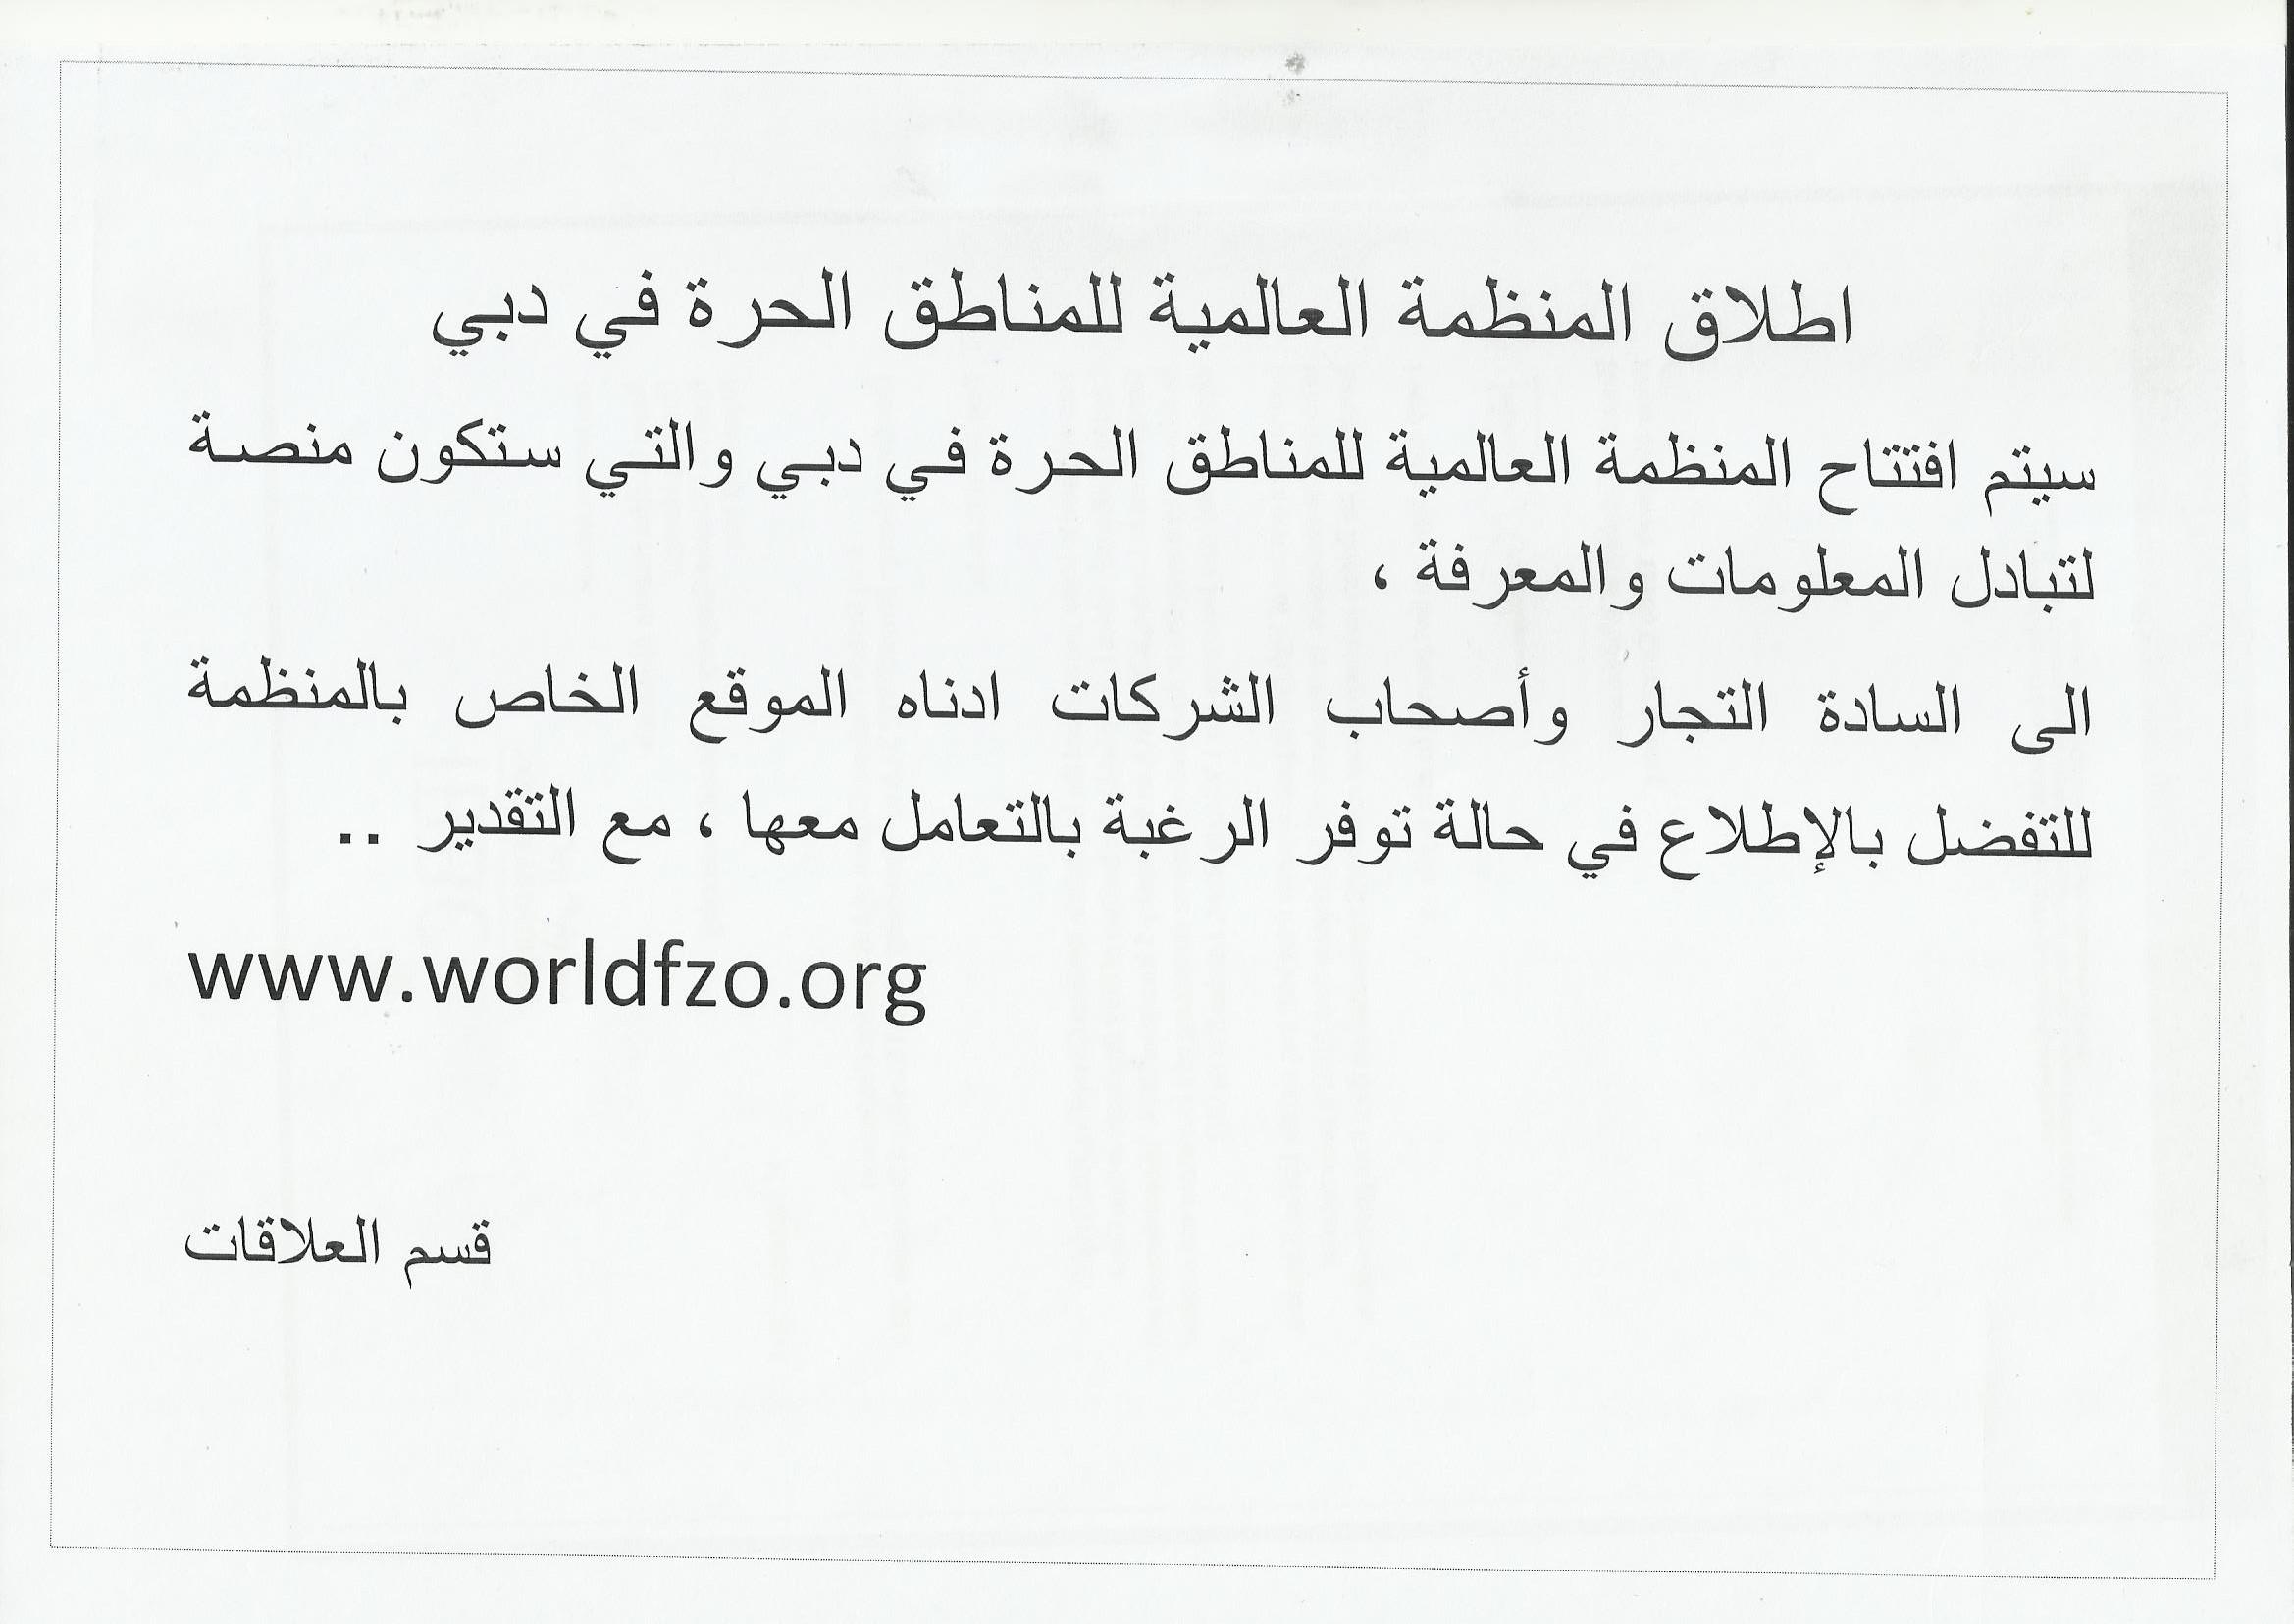 اطلاق المنظمة العالمية للمناطق الحرة في دبي